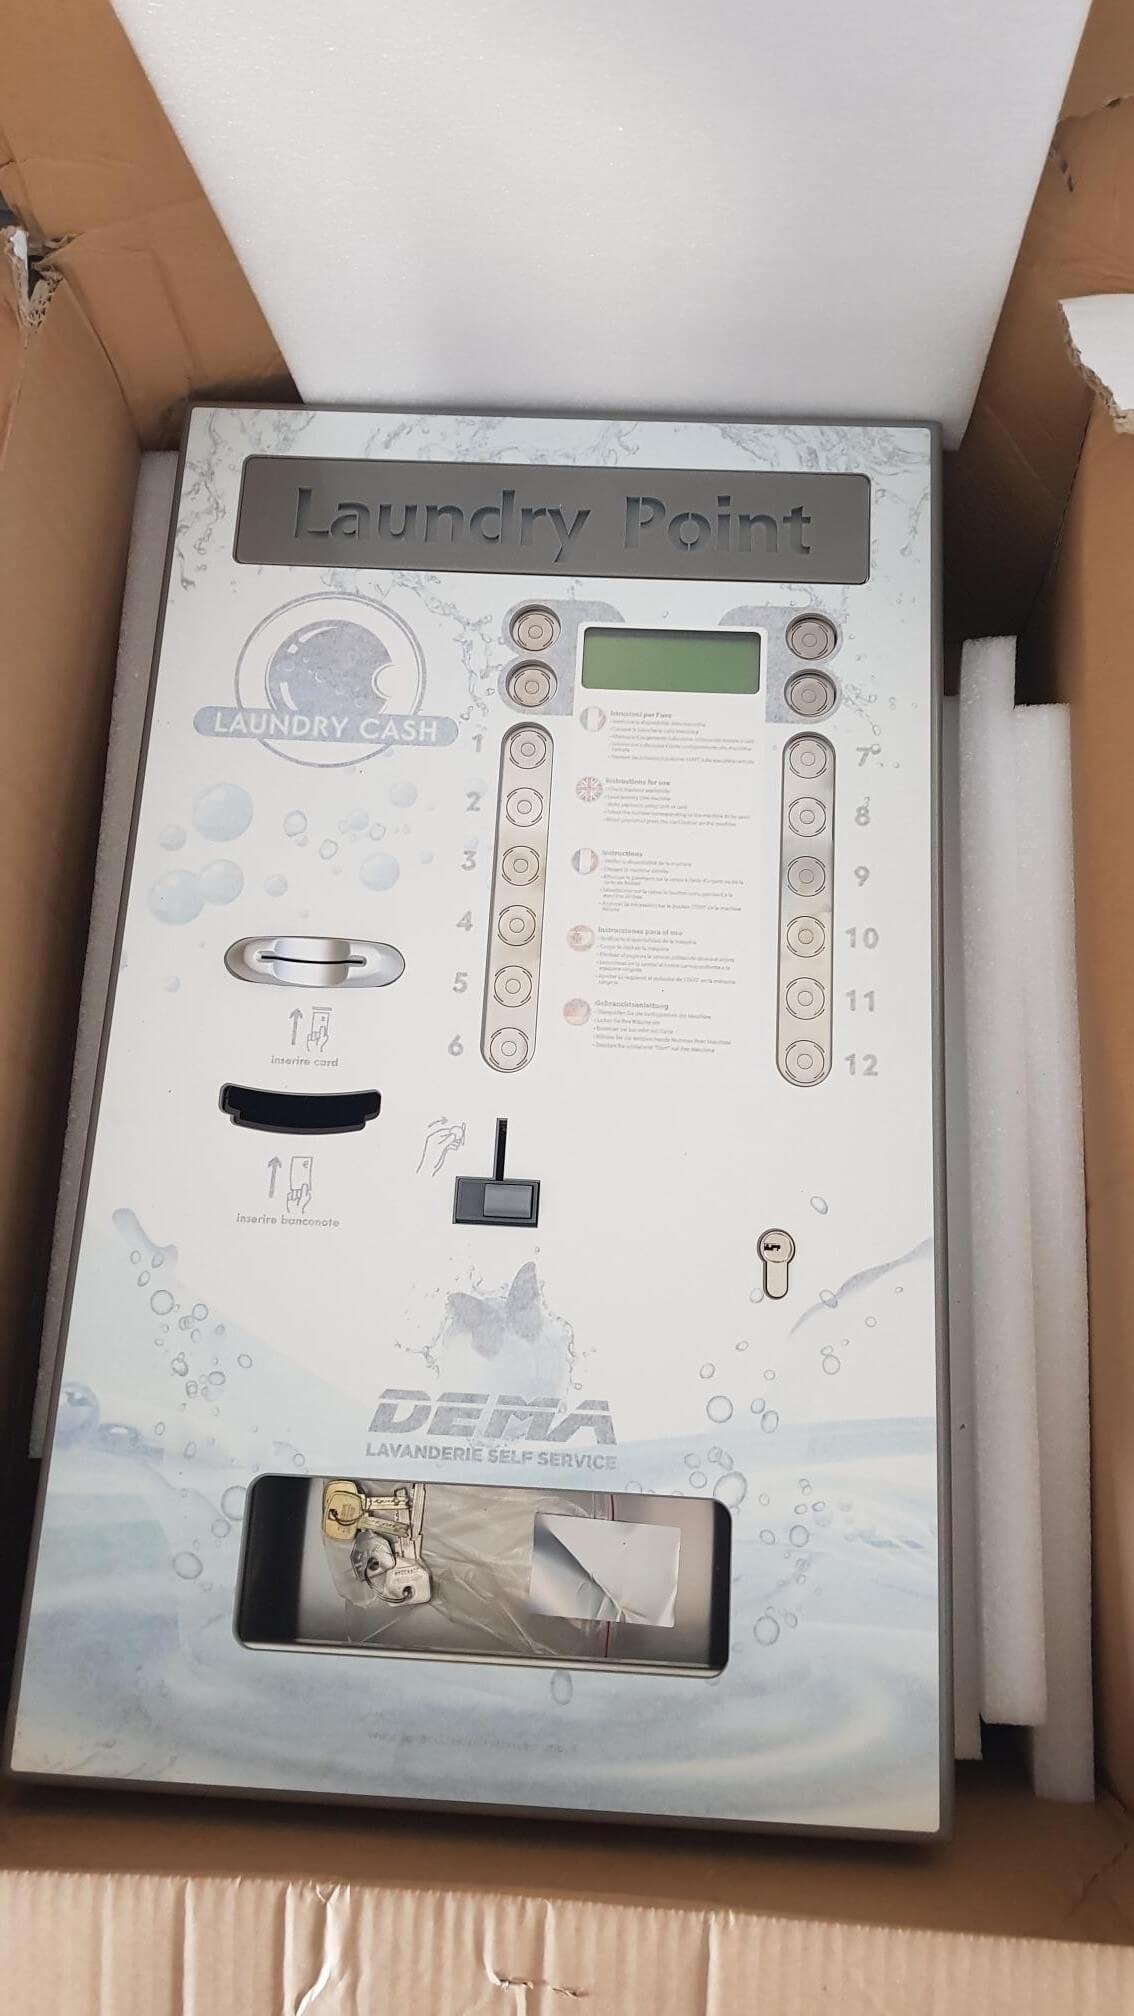 laundry point cassa centralizzata 12 selezioni €3500 oppure noleggio €67 al mese